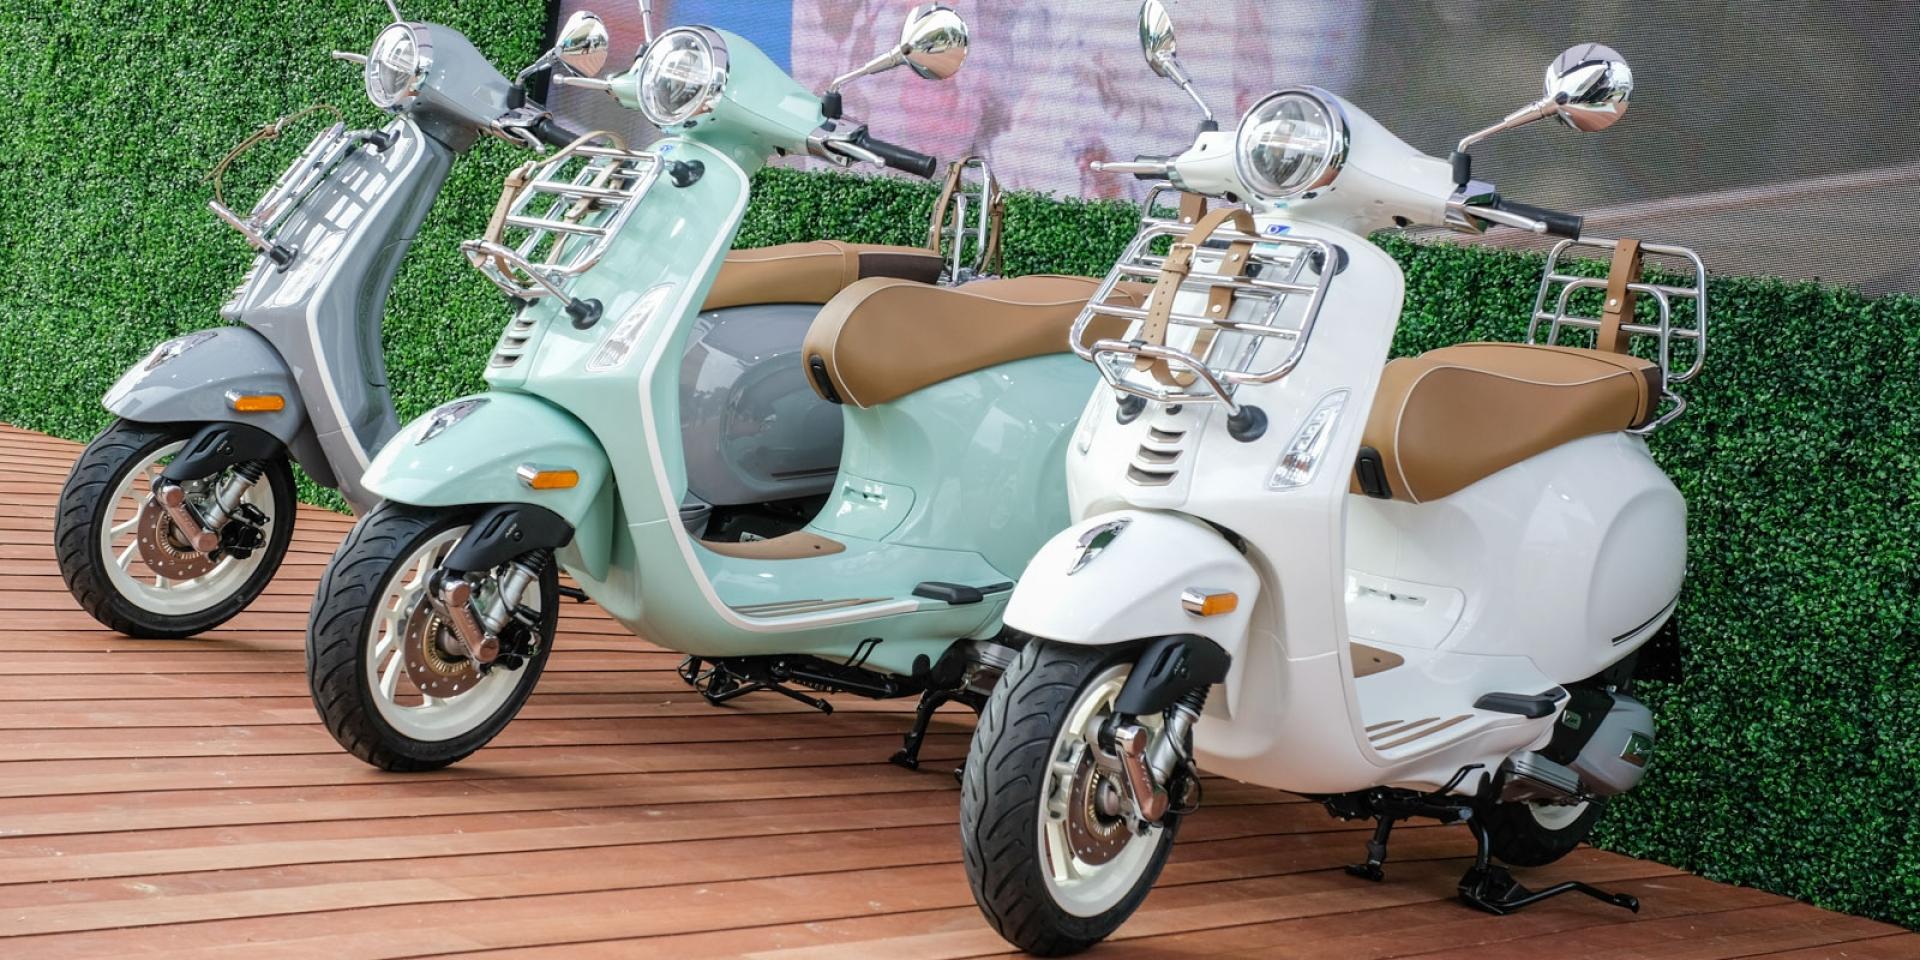 騎著偉士野餐去!VESPA Primavera Pic Nic特仕版 限量36輛 售價16.5萬